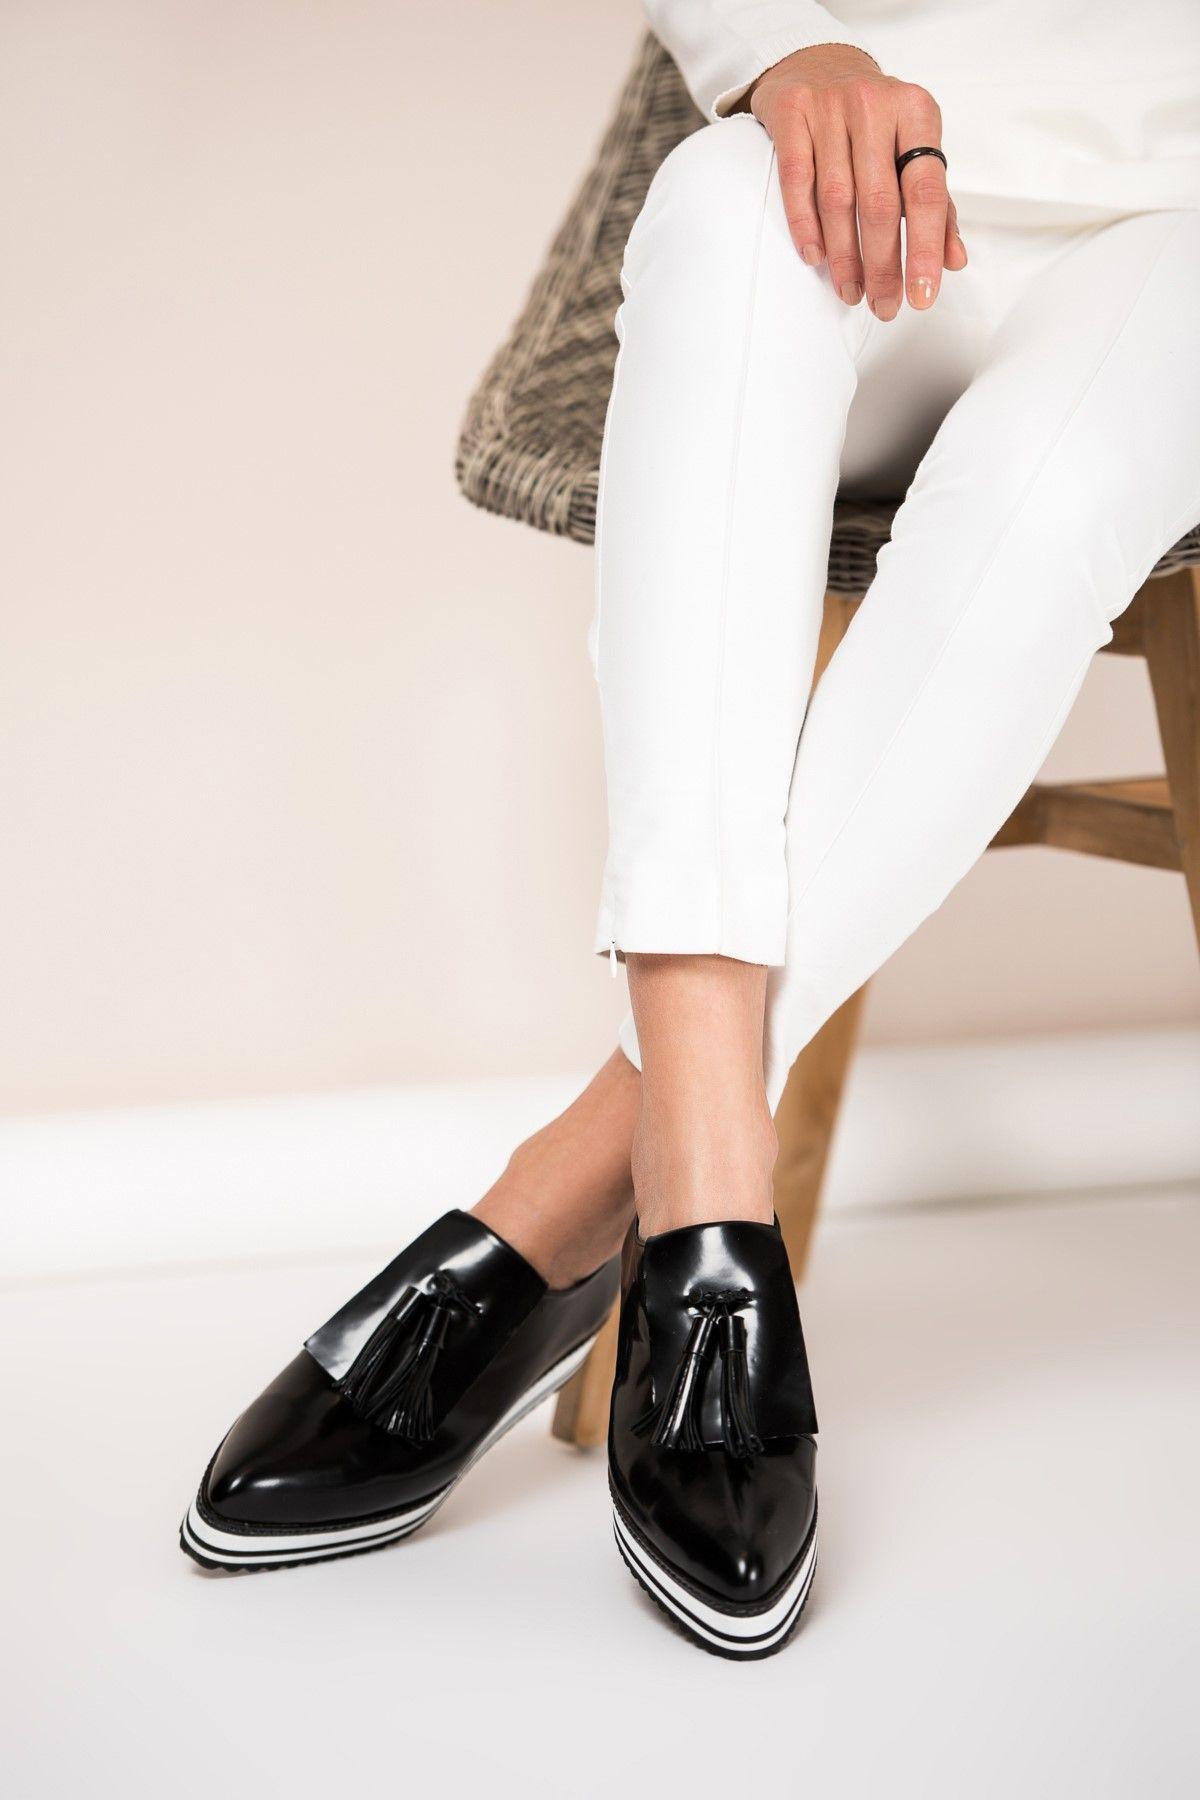 Hakiki Deri Siyah Kadin Ayakkabi 15y620 Elle Shoes Trendyol Women Shoes Ayakkabilar Kadin Ve Siyah